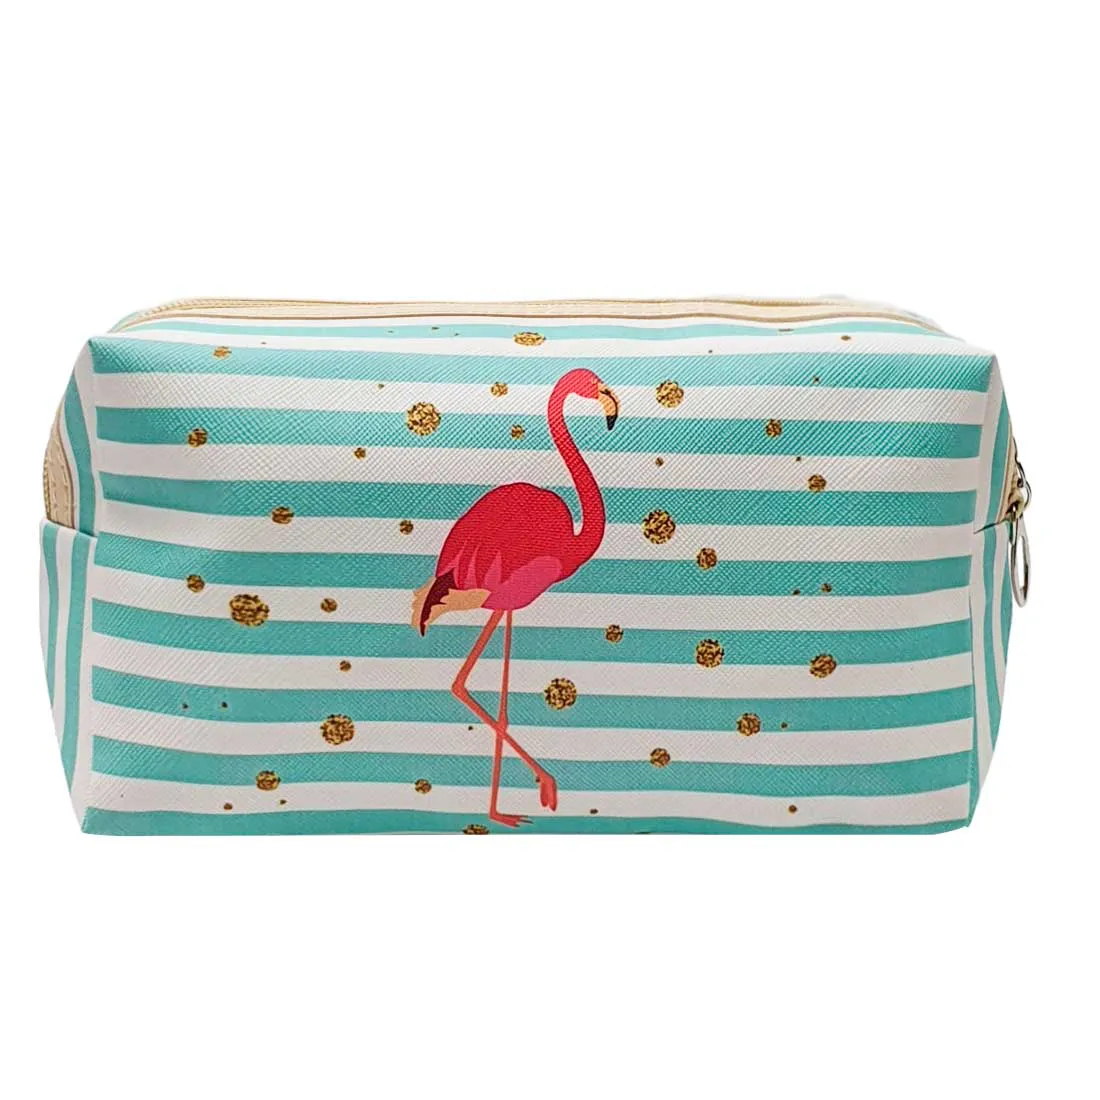 Necessaire Estampada de Flamingo Listrada - Azul e Branco